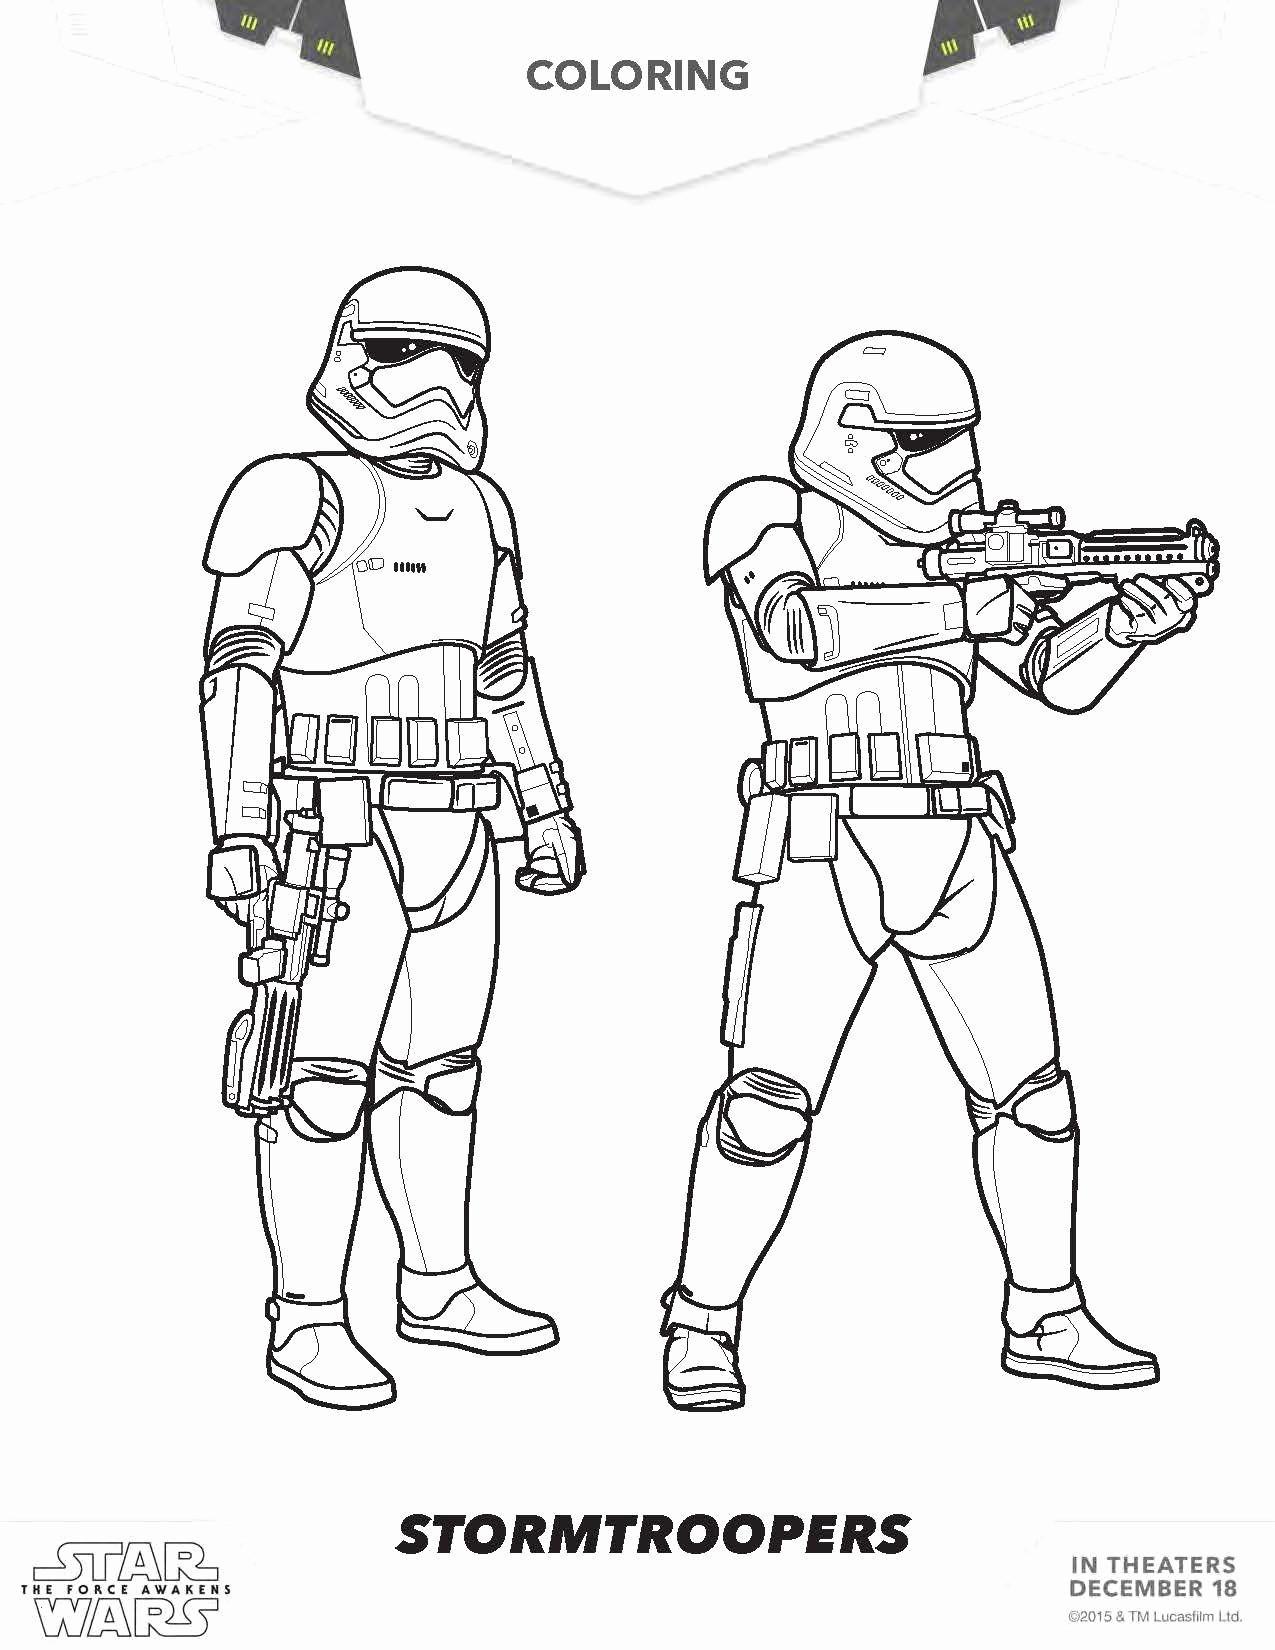 Star Wars Ausmalbilder Zum Ausdrucken Genial Conni Ausmalbilder Zum Ausdrucken Schön Star Wars Ausmalbilder Schön Fotos